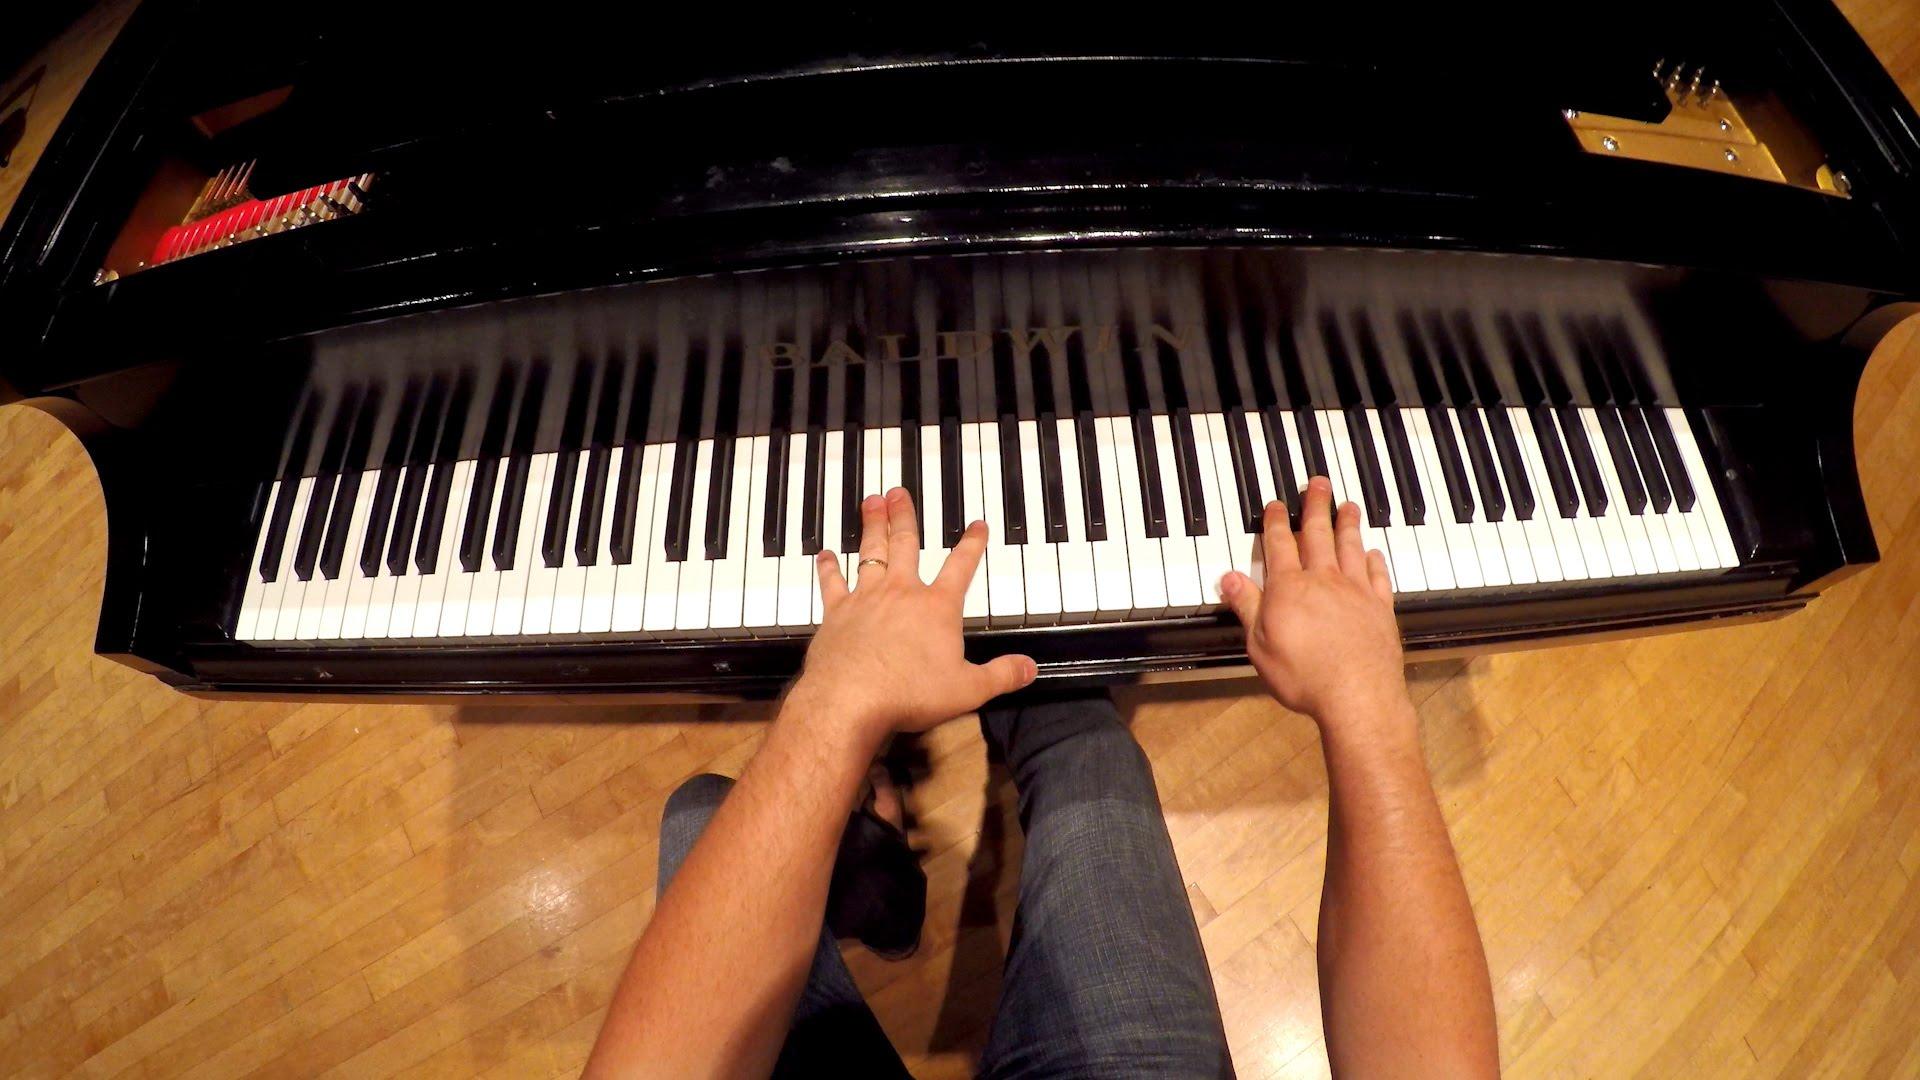 ピアノ演奏を本人視点で見る新体験動画